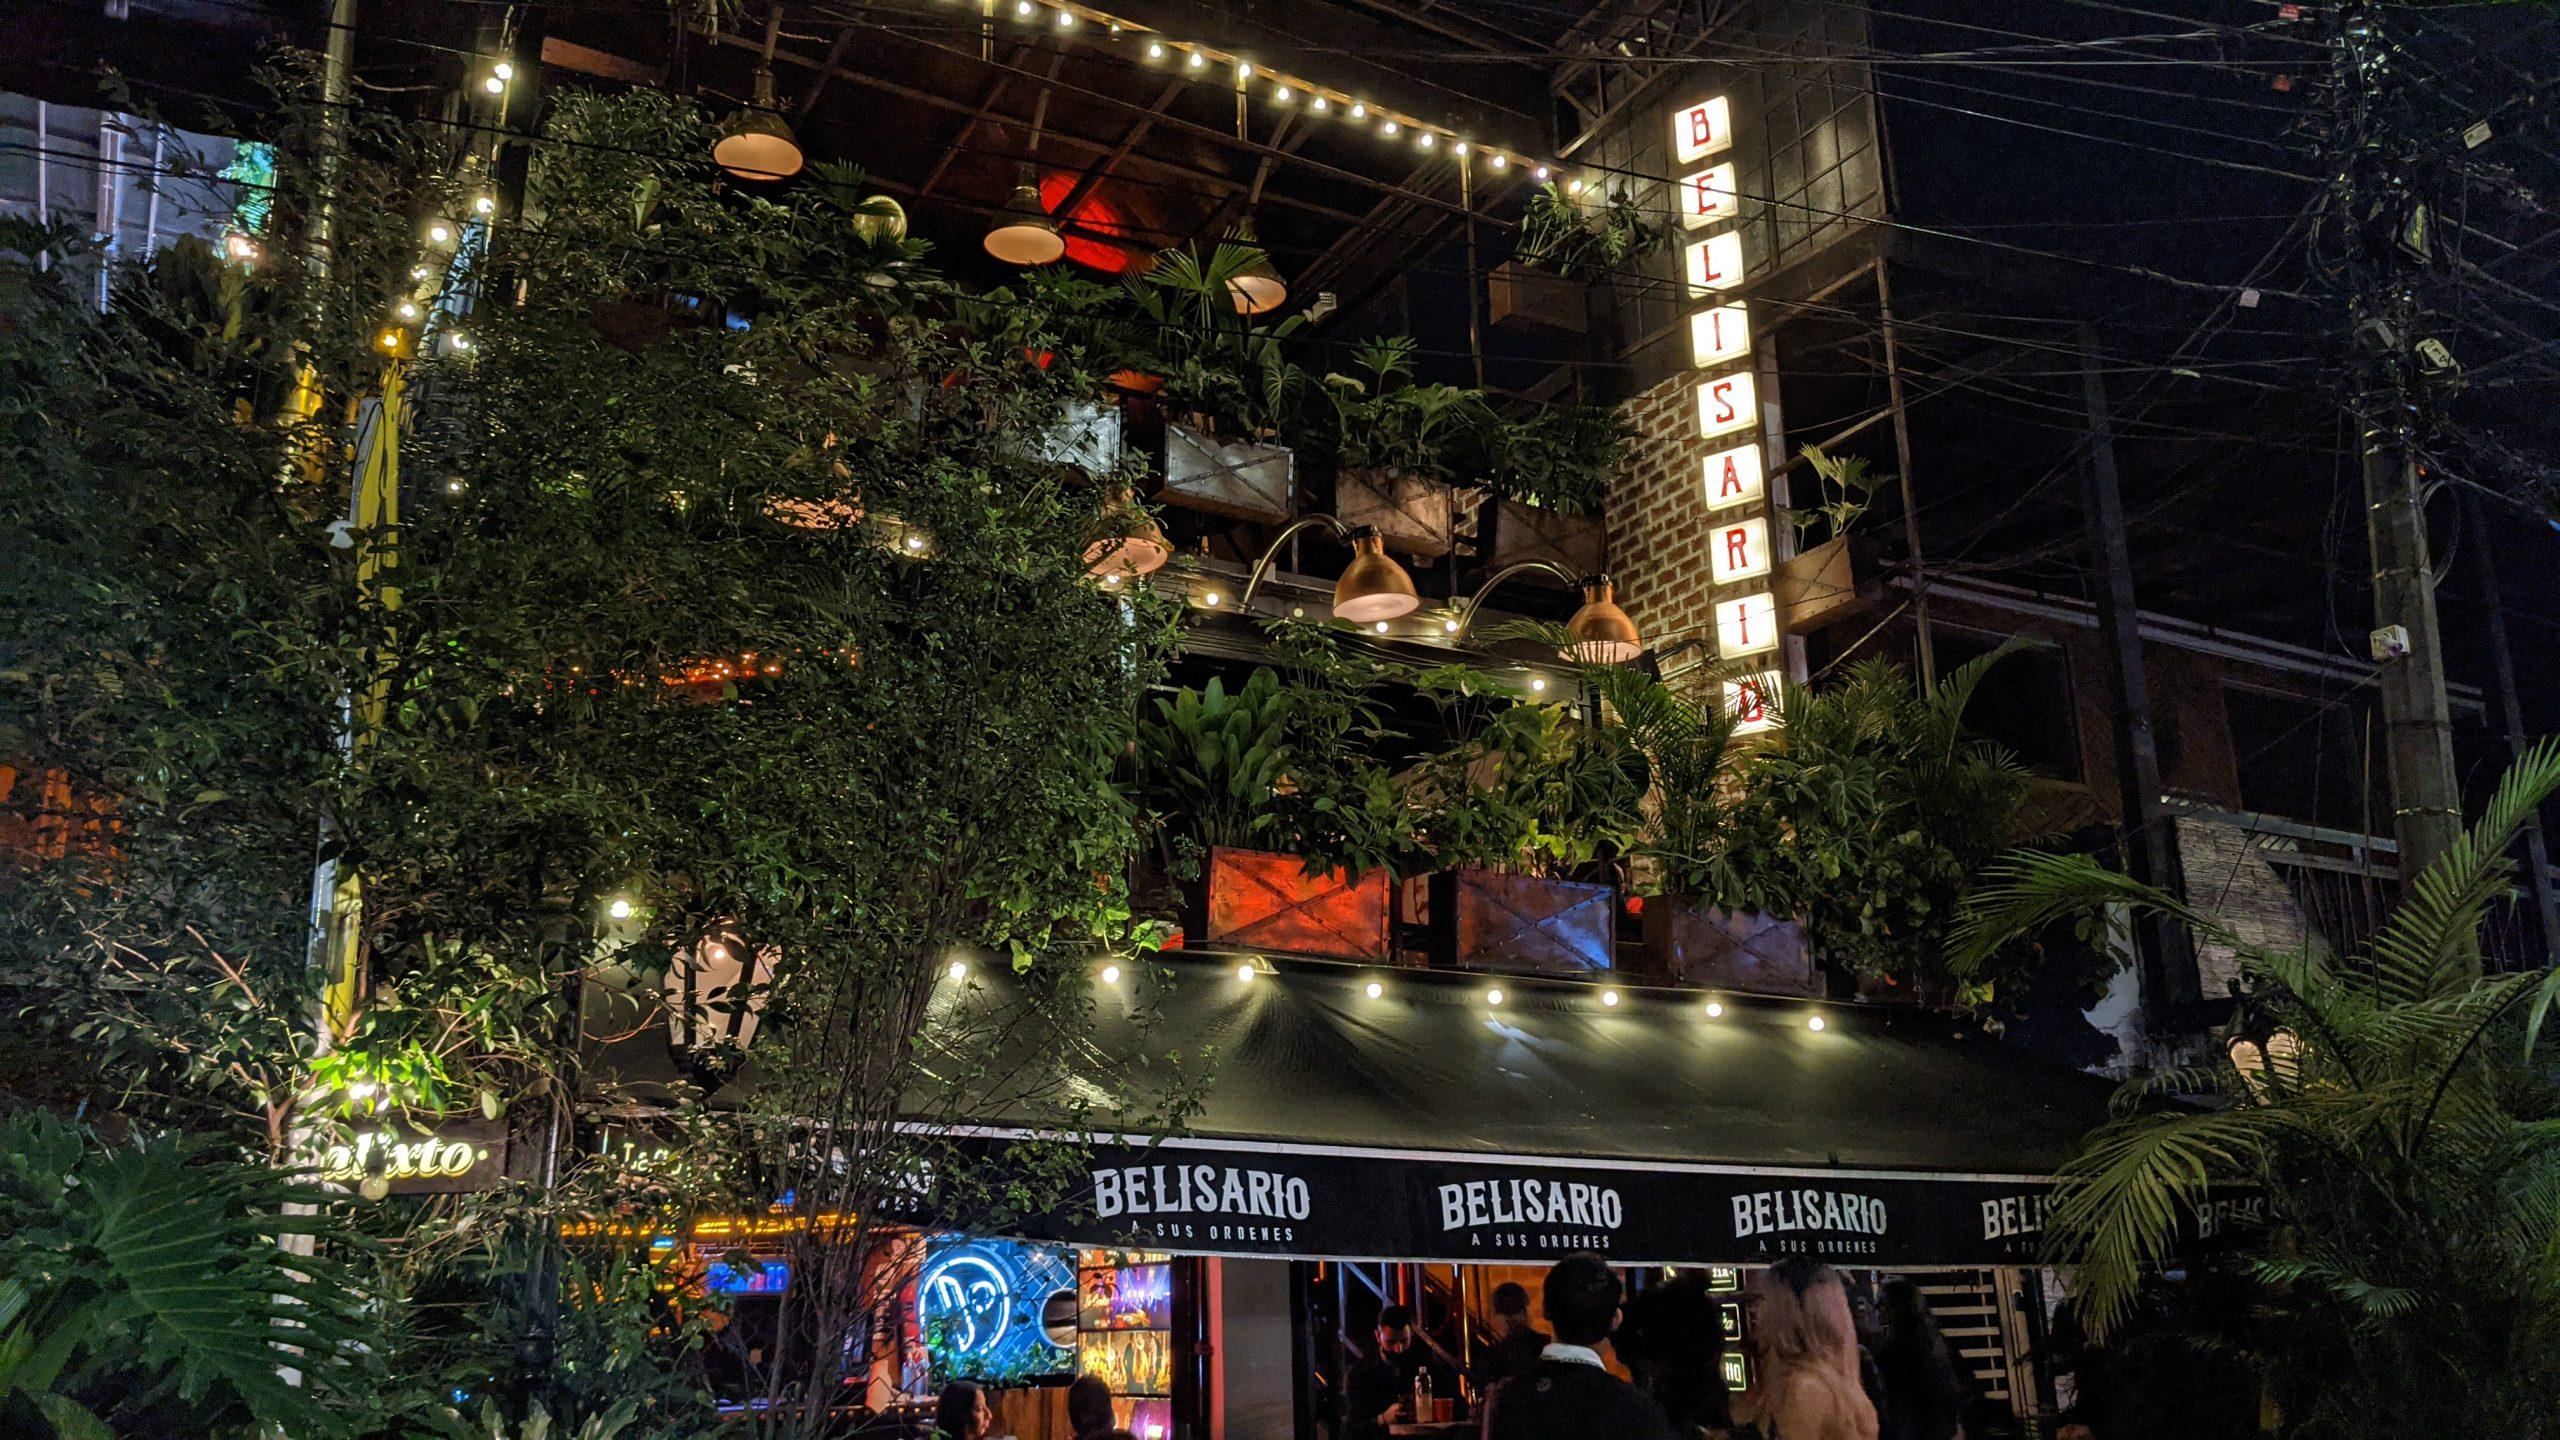 belisario best nightclub in provenza parque lleras medellin